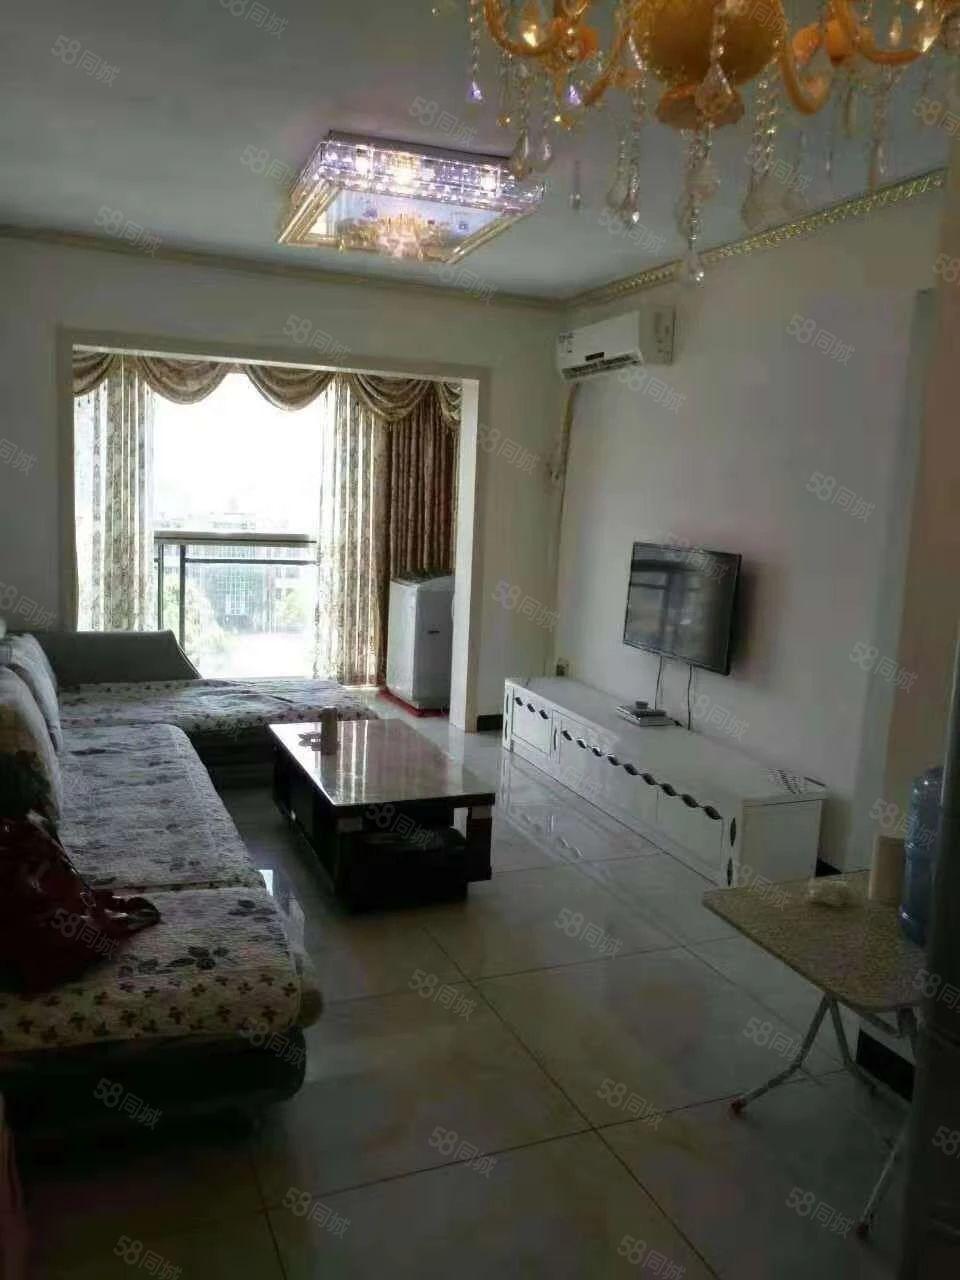 龙城御景一室一厅公寓家电齐全,拎包入住,极少的电梯房公寓